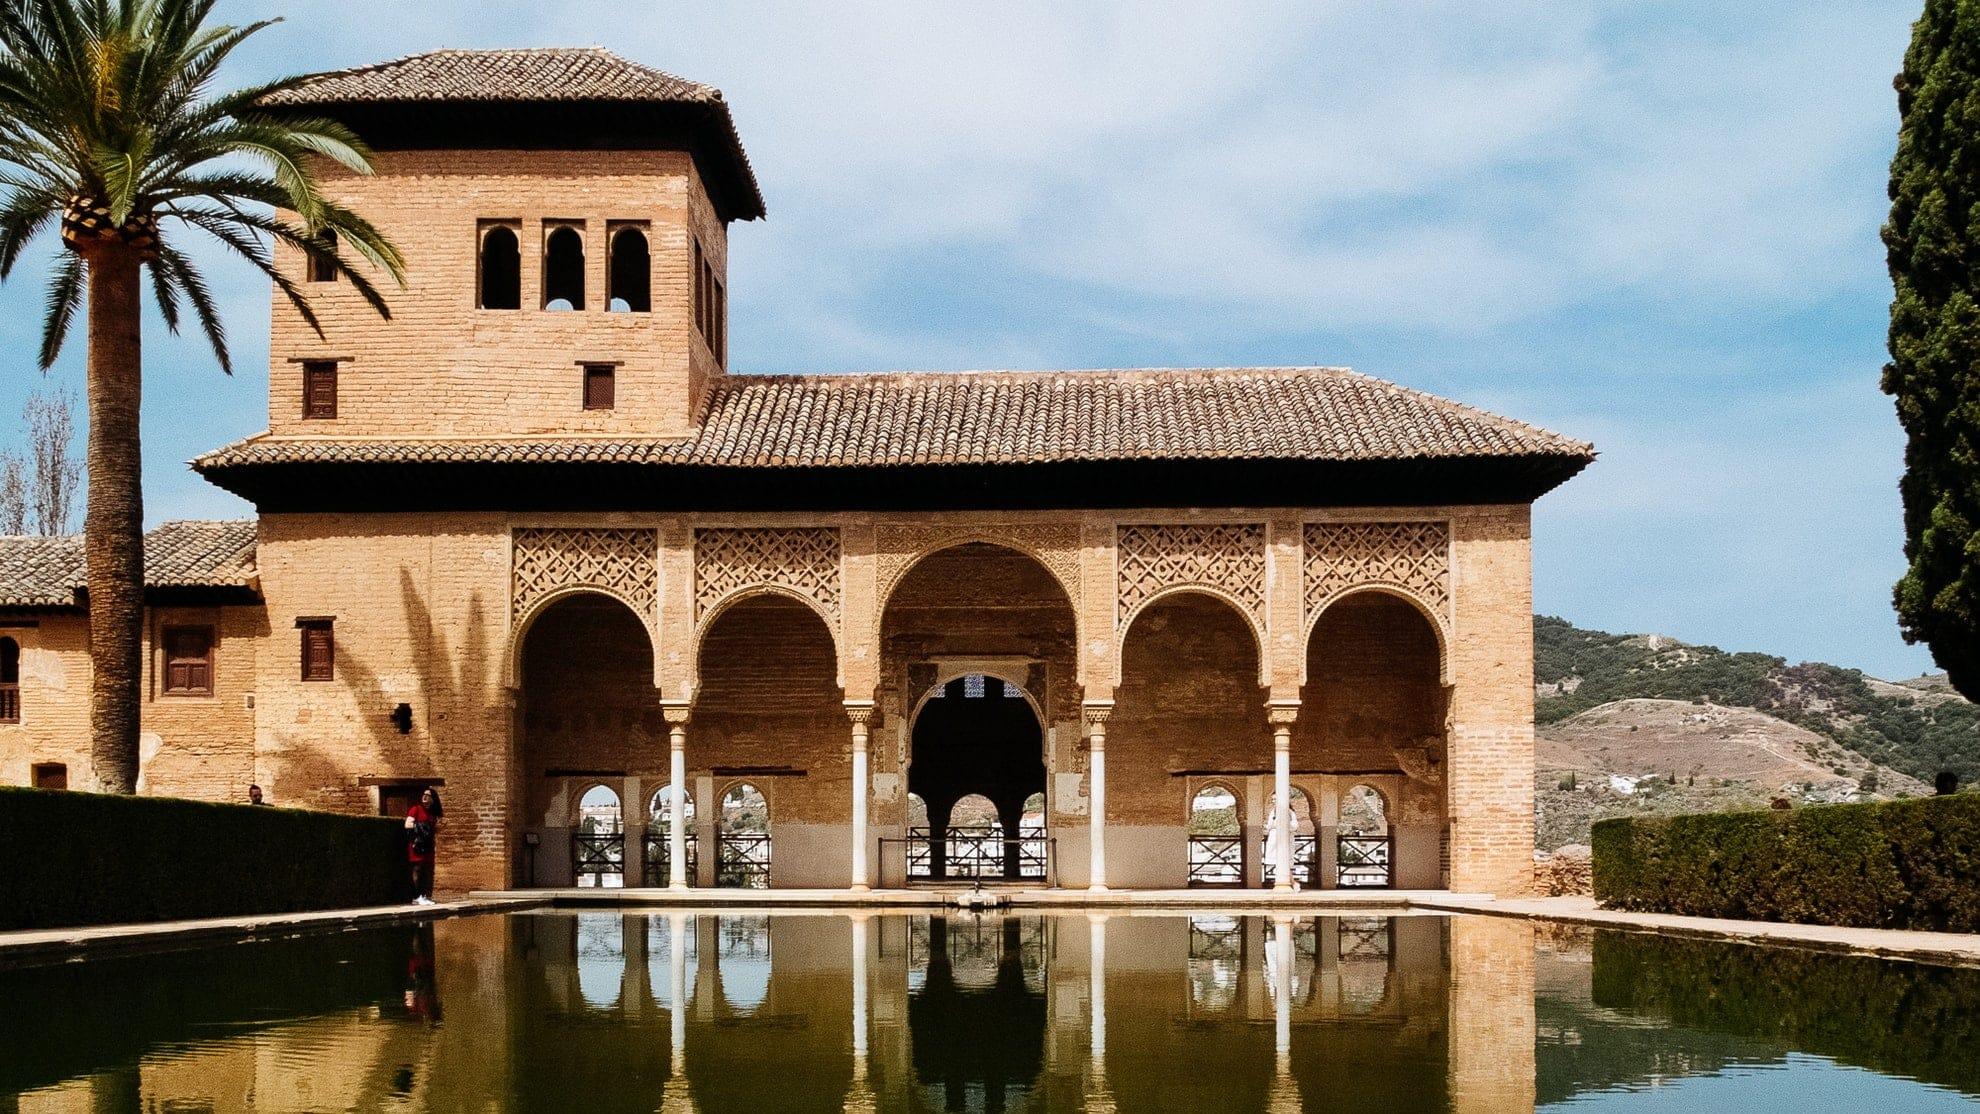 Alhambra 1, 2017